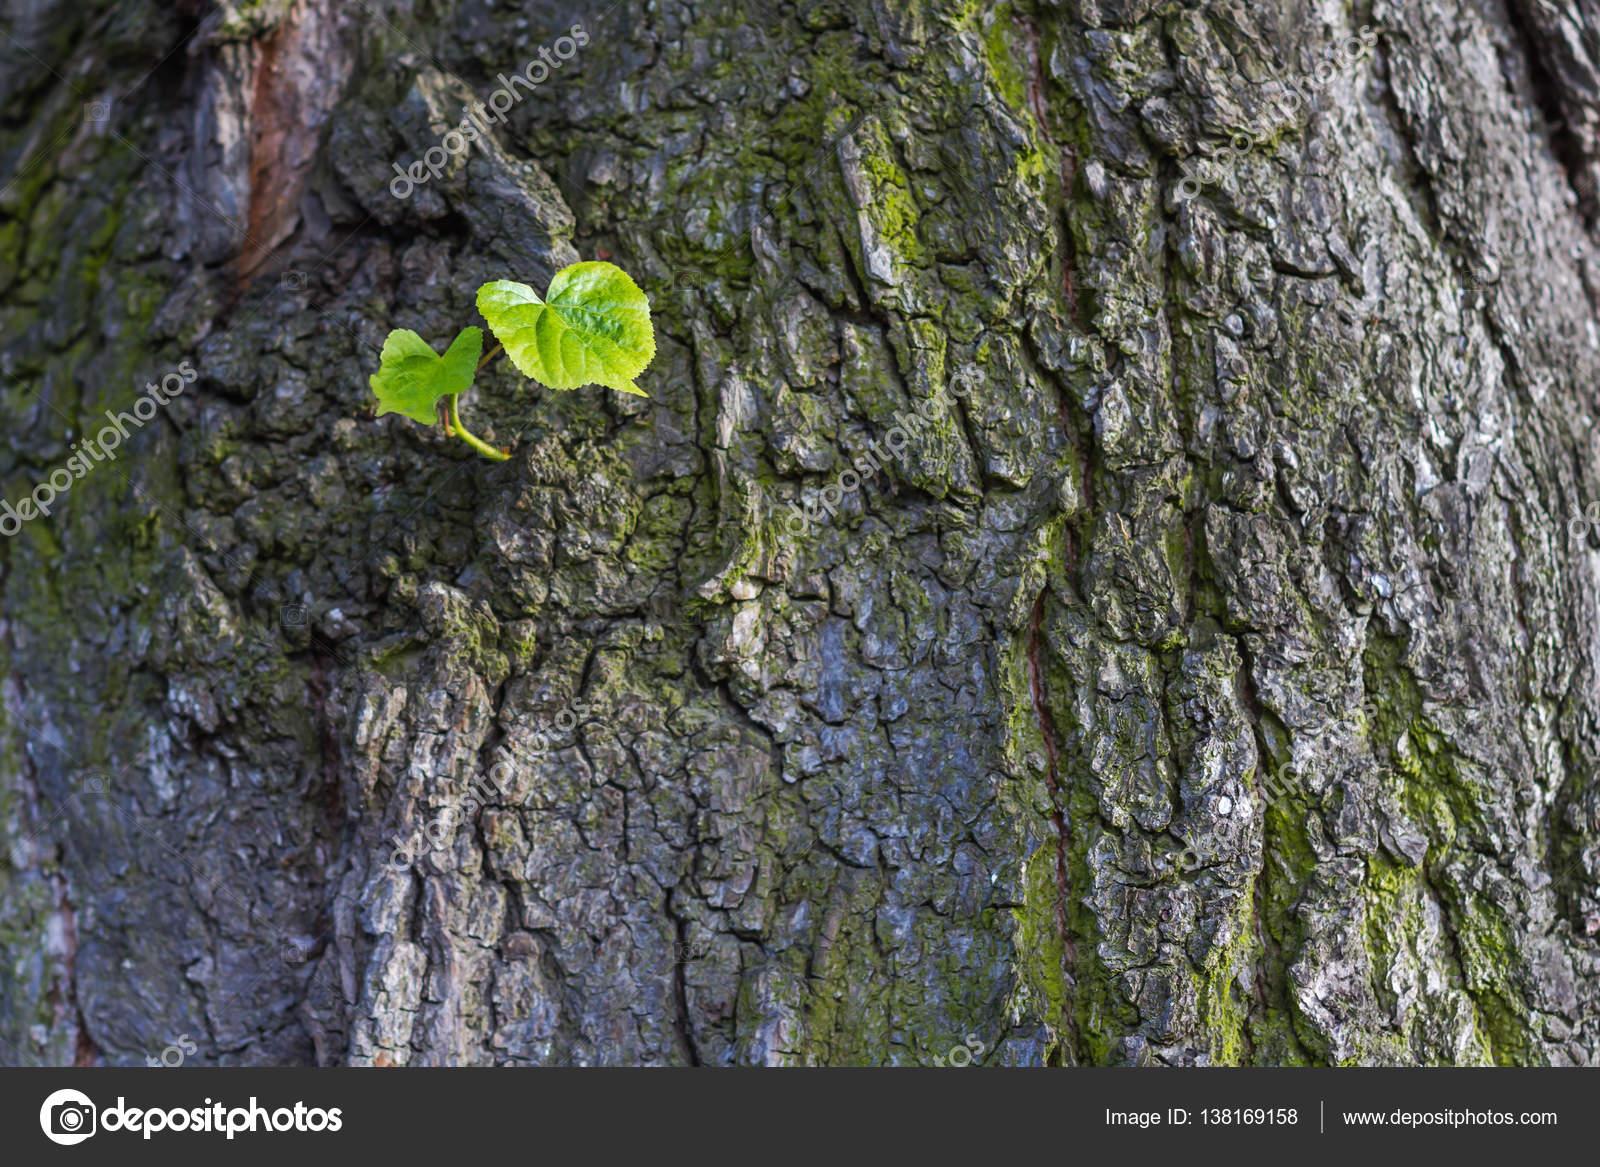 Hojas de color verde nuevo nacido en árbol viejo, con textura de ...